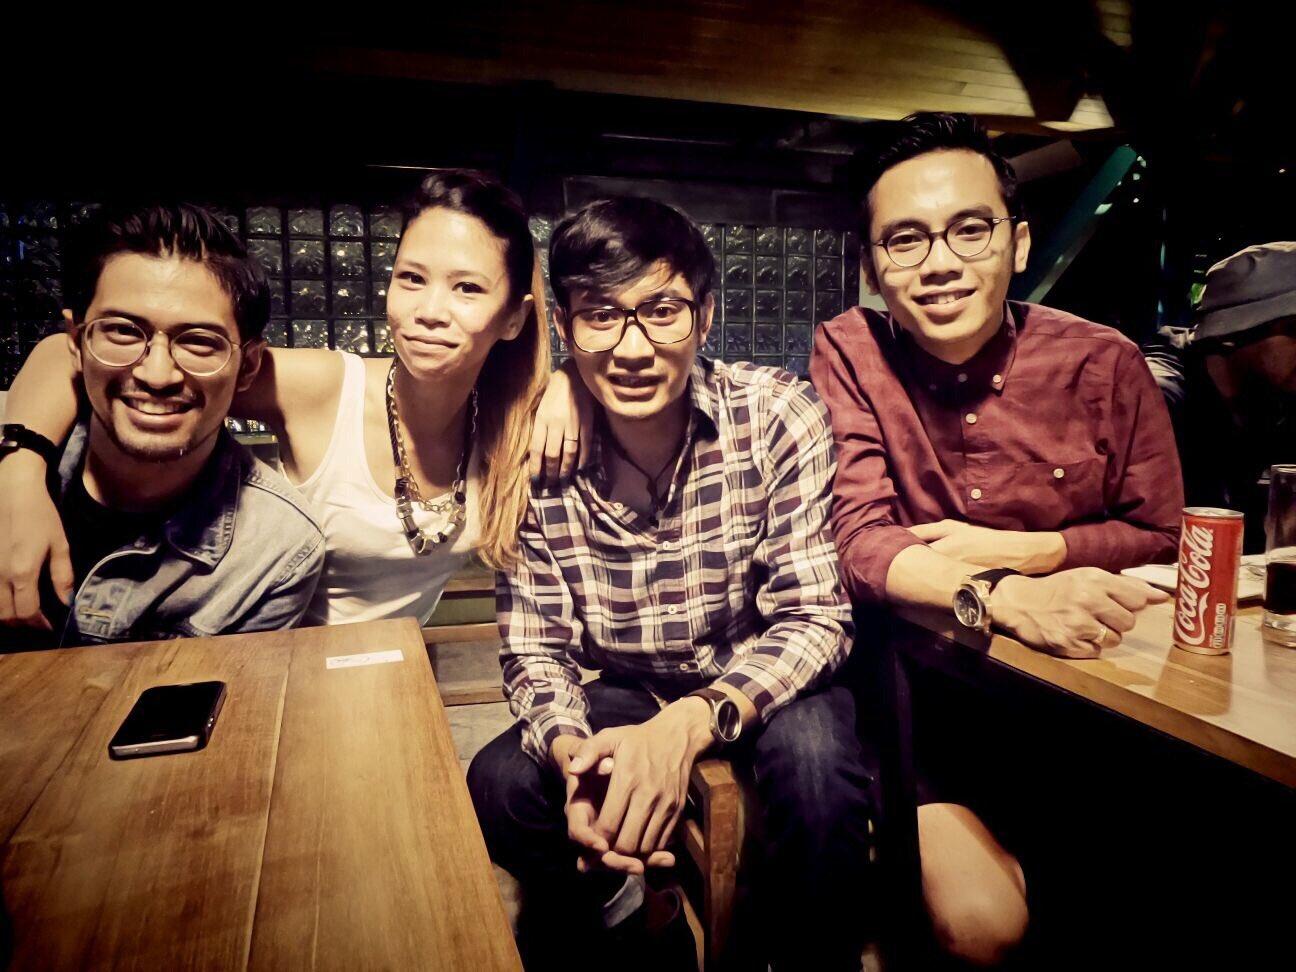 SD Priangan Bandung Jl. Baros no. 1 @FebbyDwiasyifa @adhi_bimantara https://t.co/LUEfKEgd1s